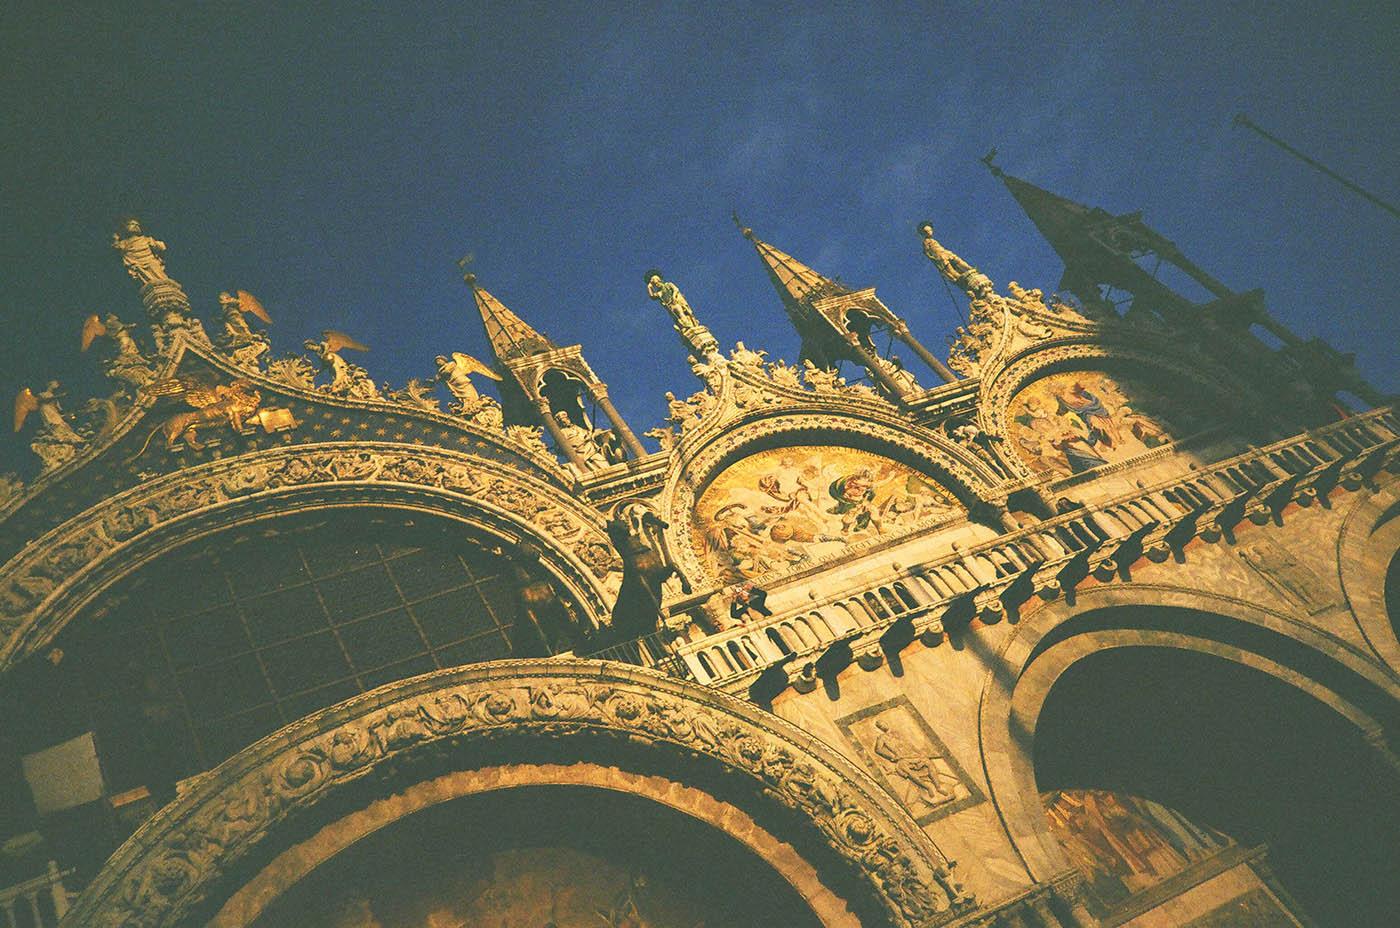 Сан Марко Фото: Алексей Абакумов. Пленка. Венеция, Италия, 2012 год